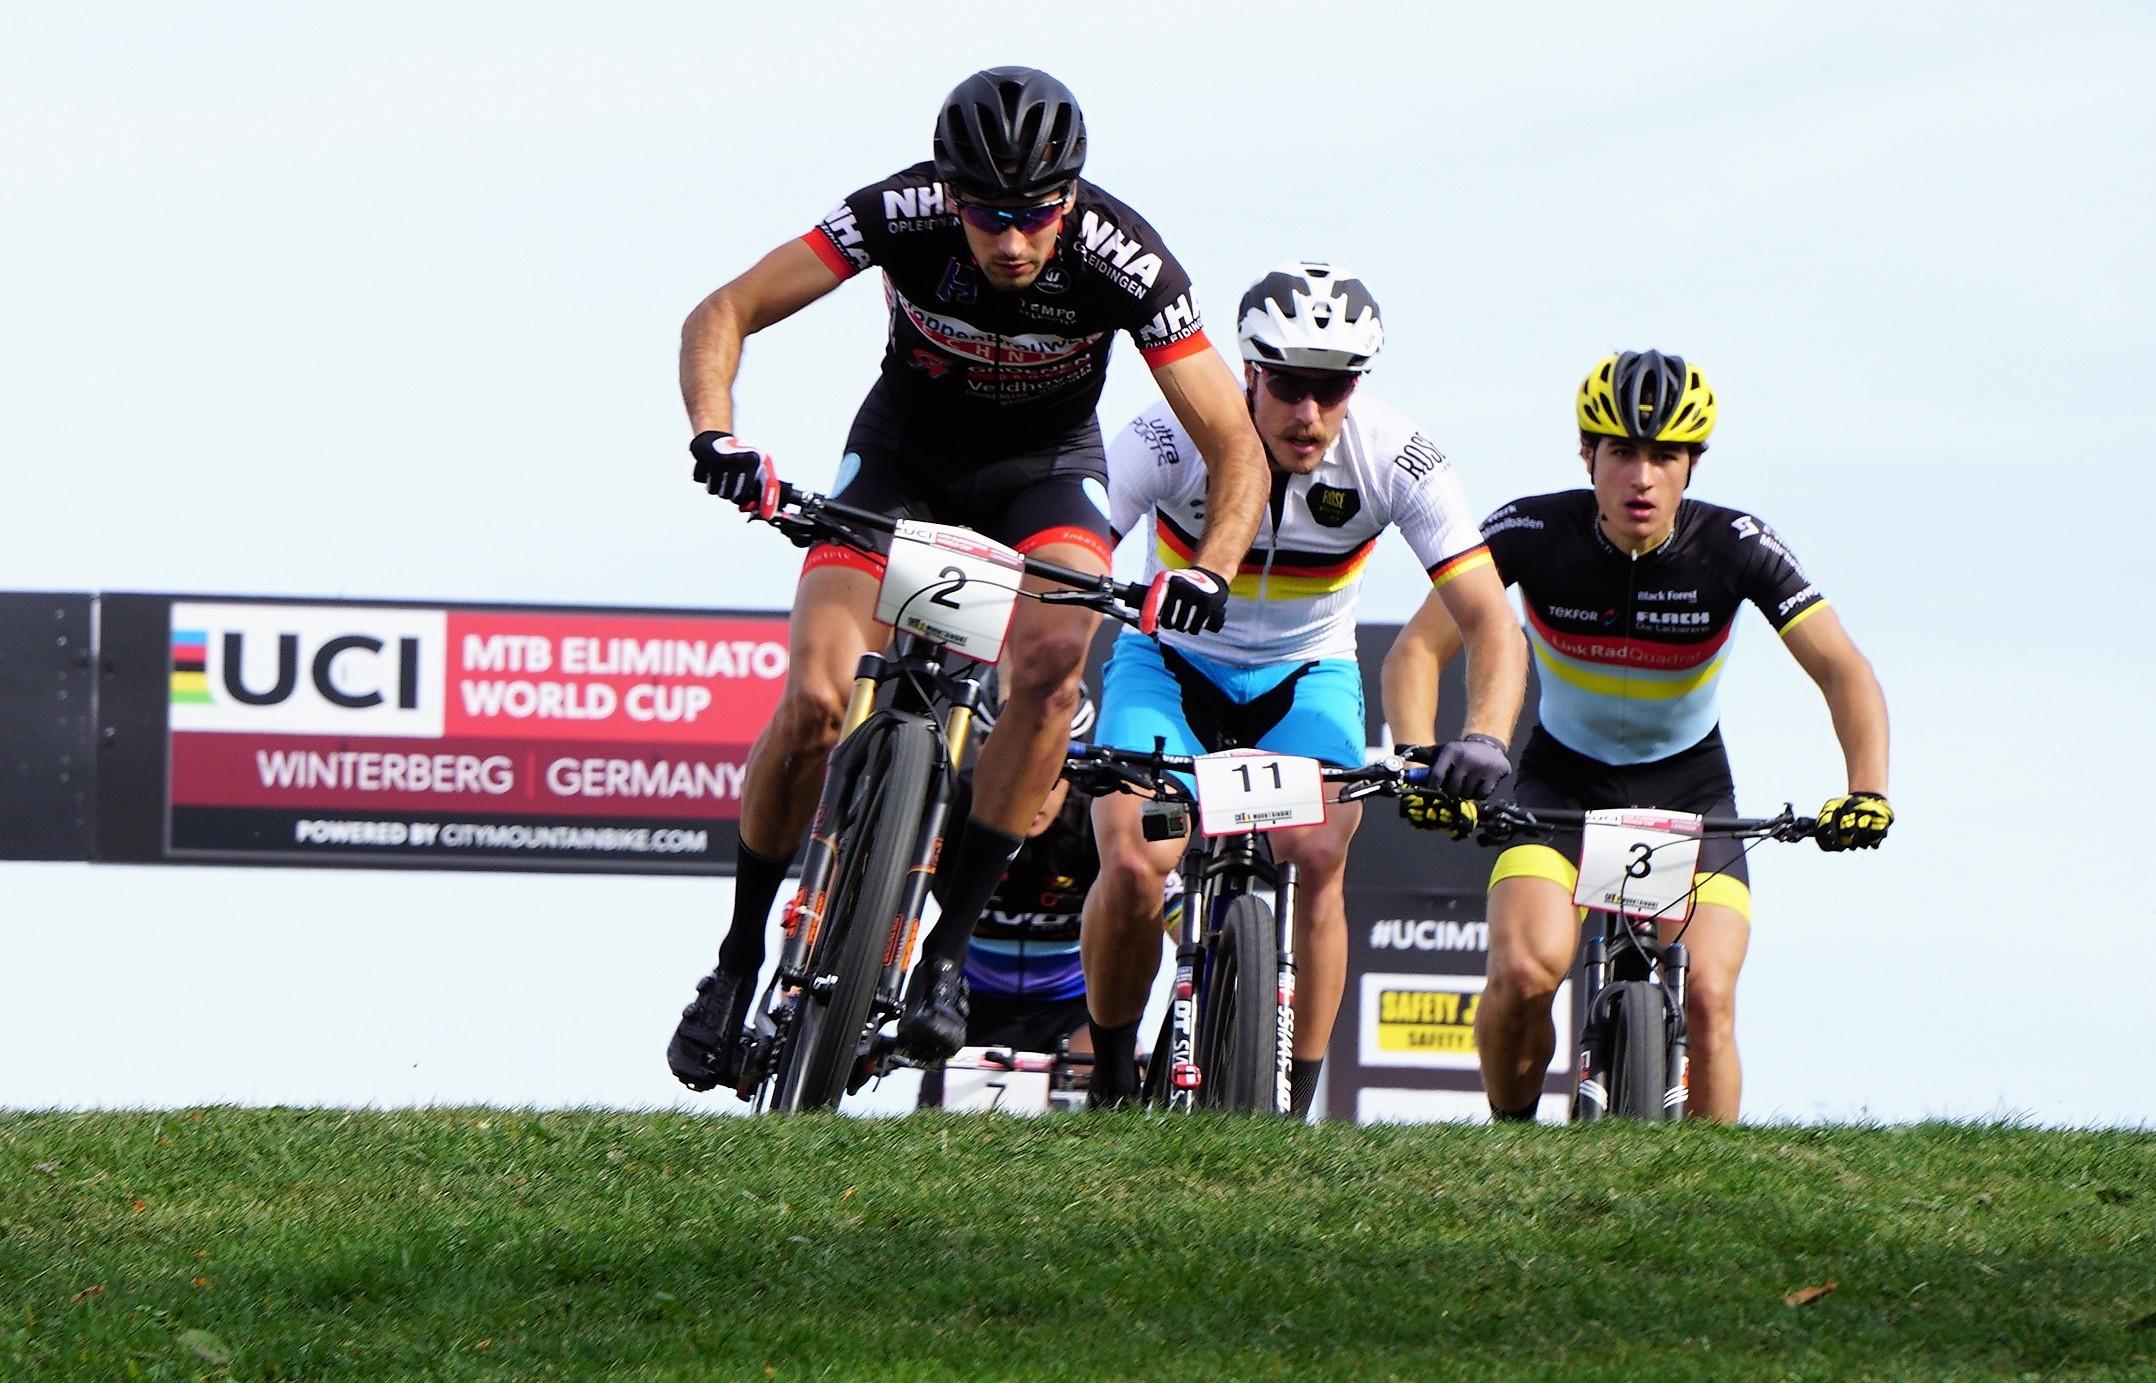 Drei Radfahrer in Sportkleidung fahren eng nebeneinander eine Wiese hinunter